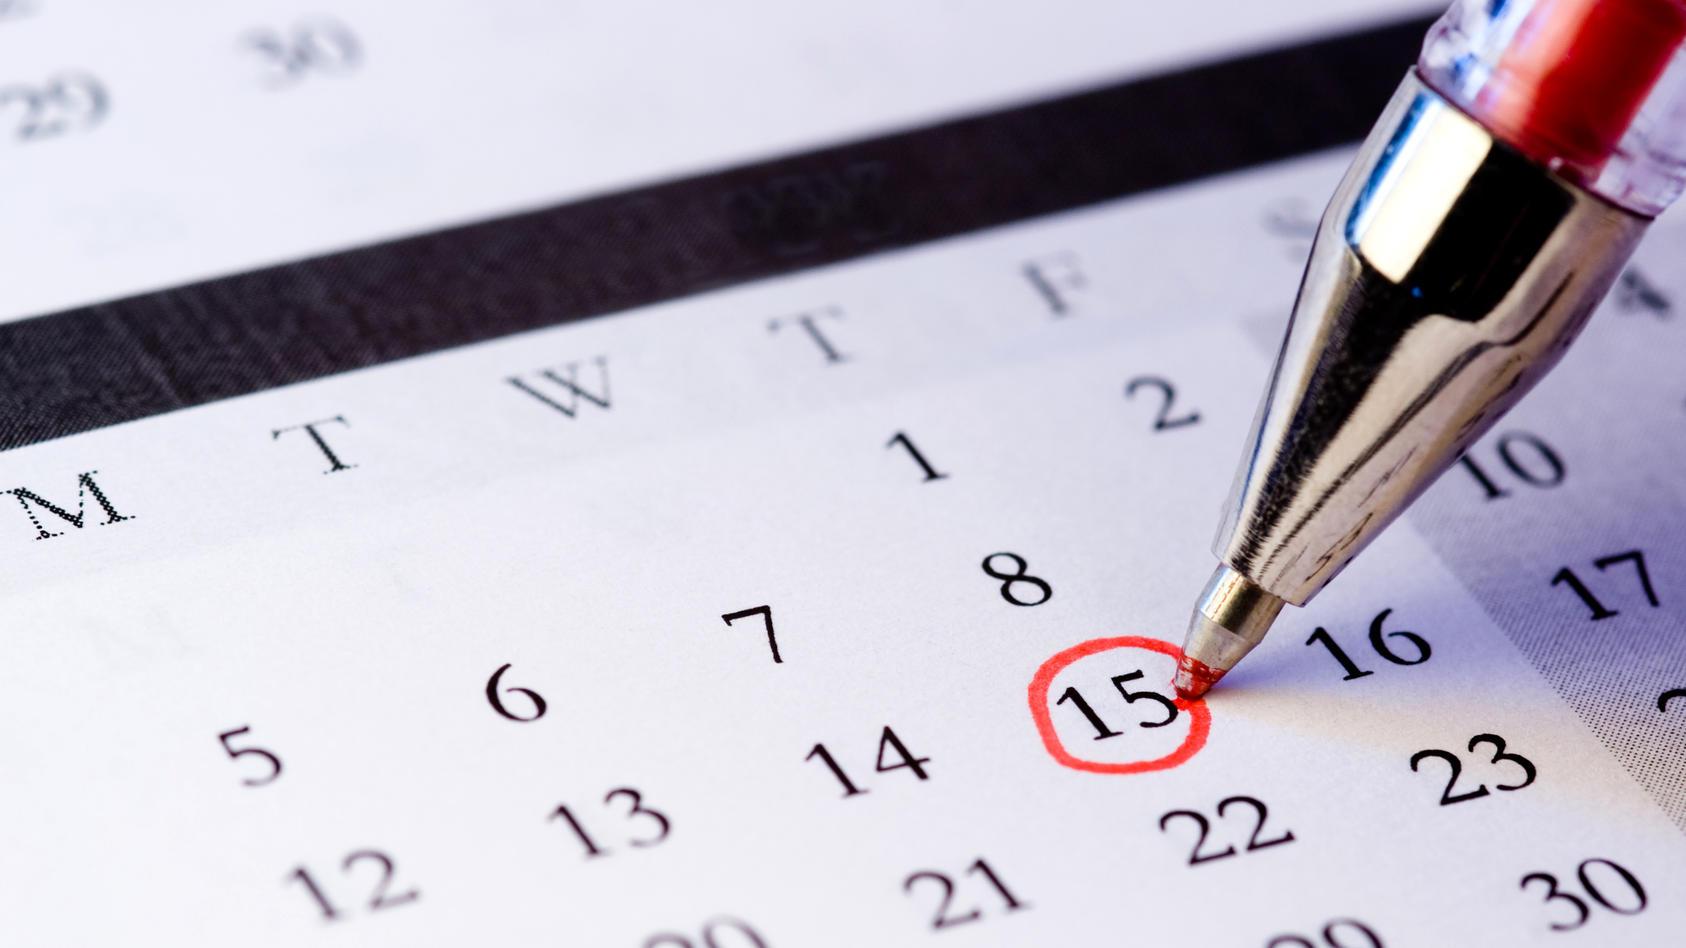 Schicksalstag berechnen: Sie müssen nur die Quersumme aus Ihrem Geburtsdatum bilden, um mehr über sich selbst zu erfahren.